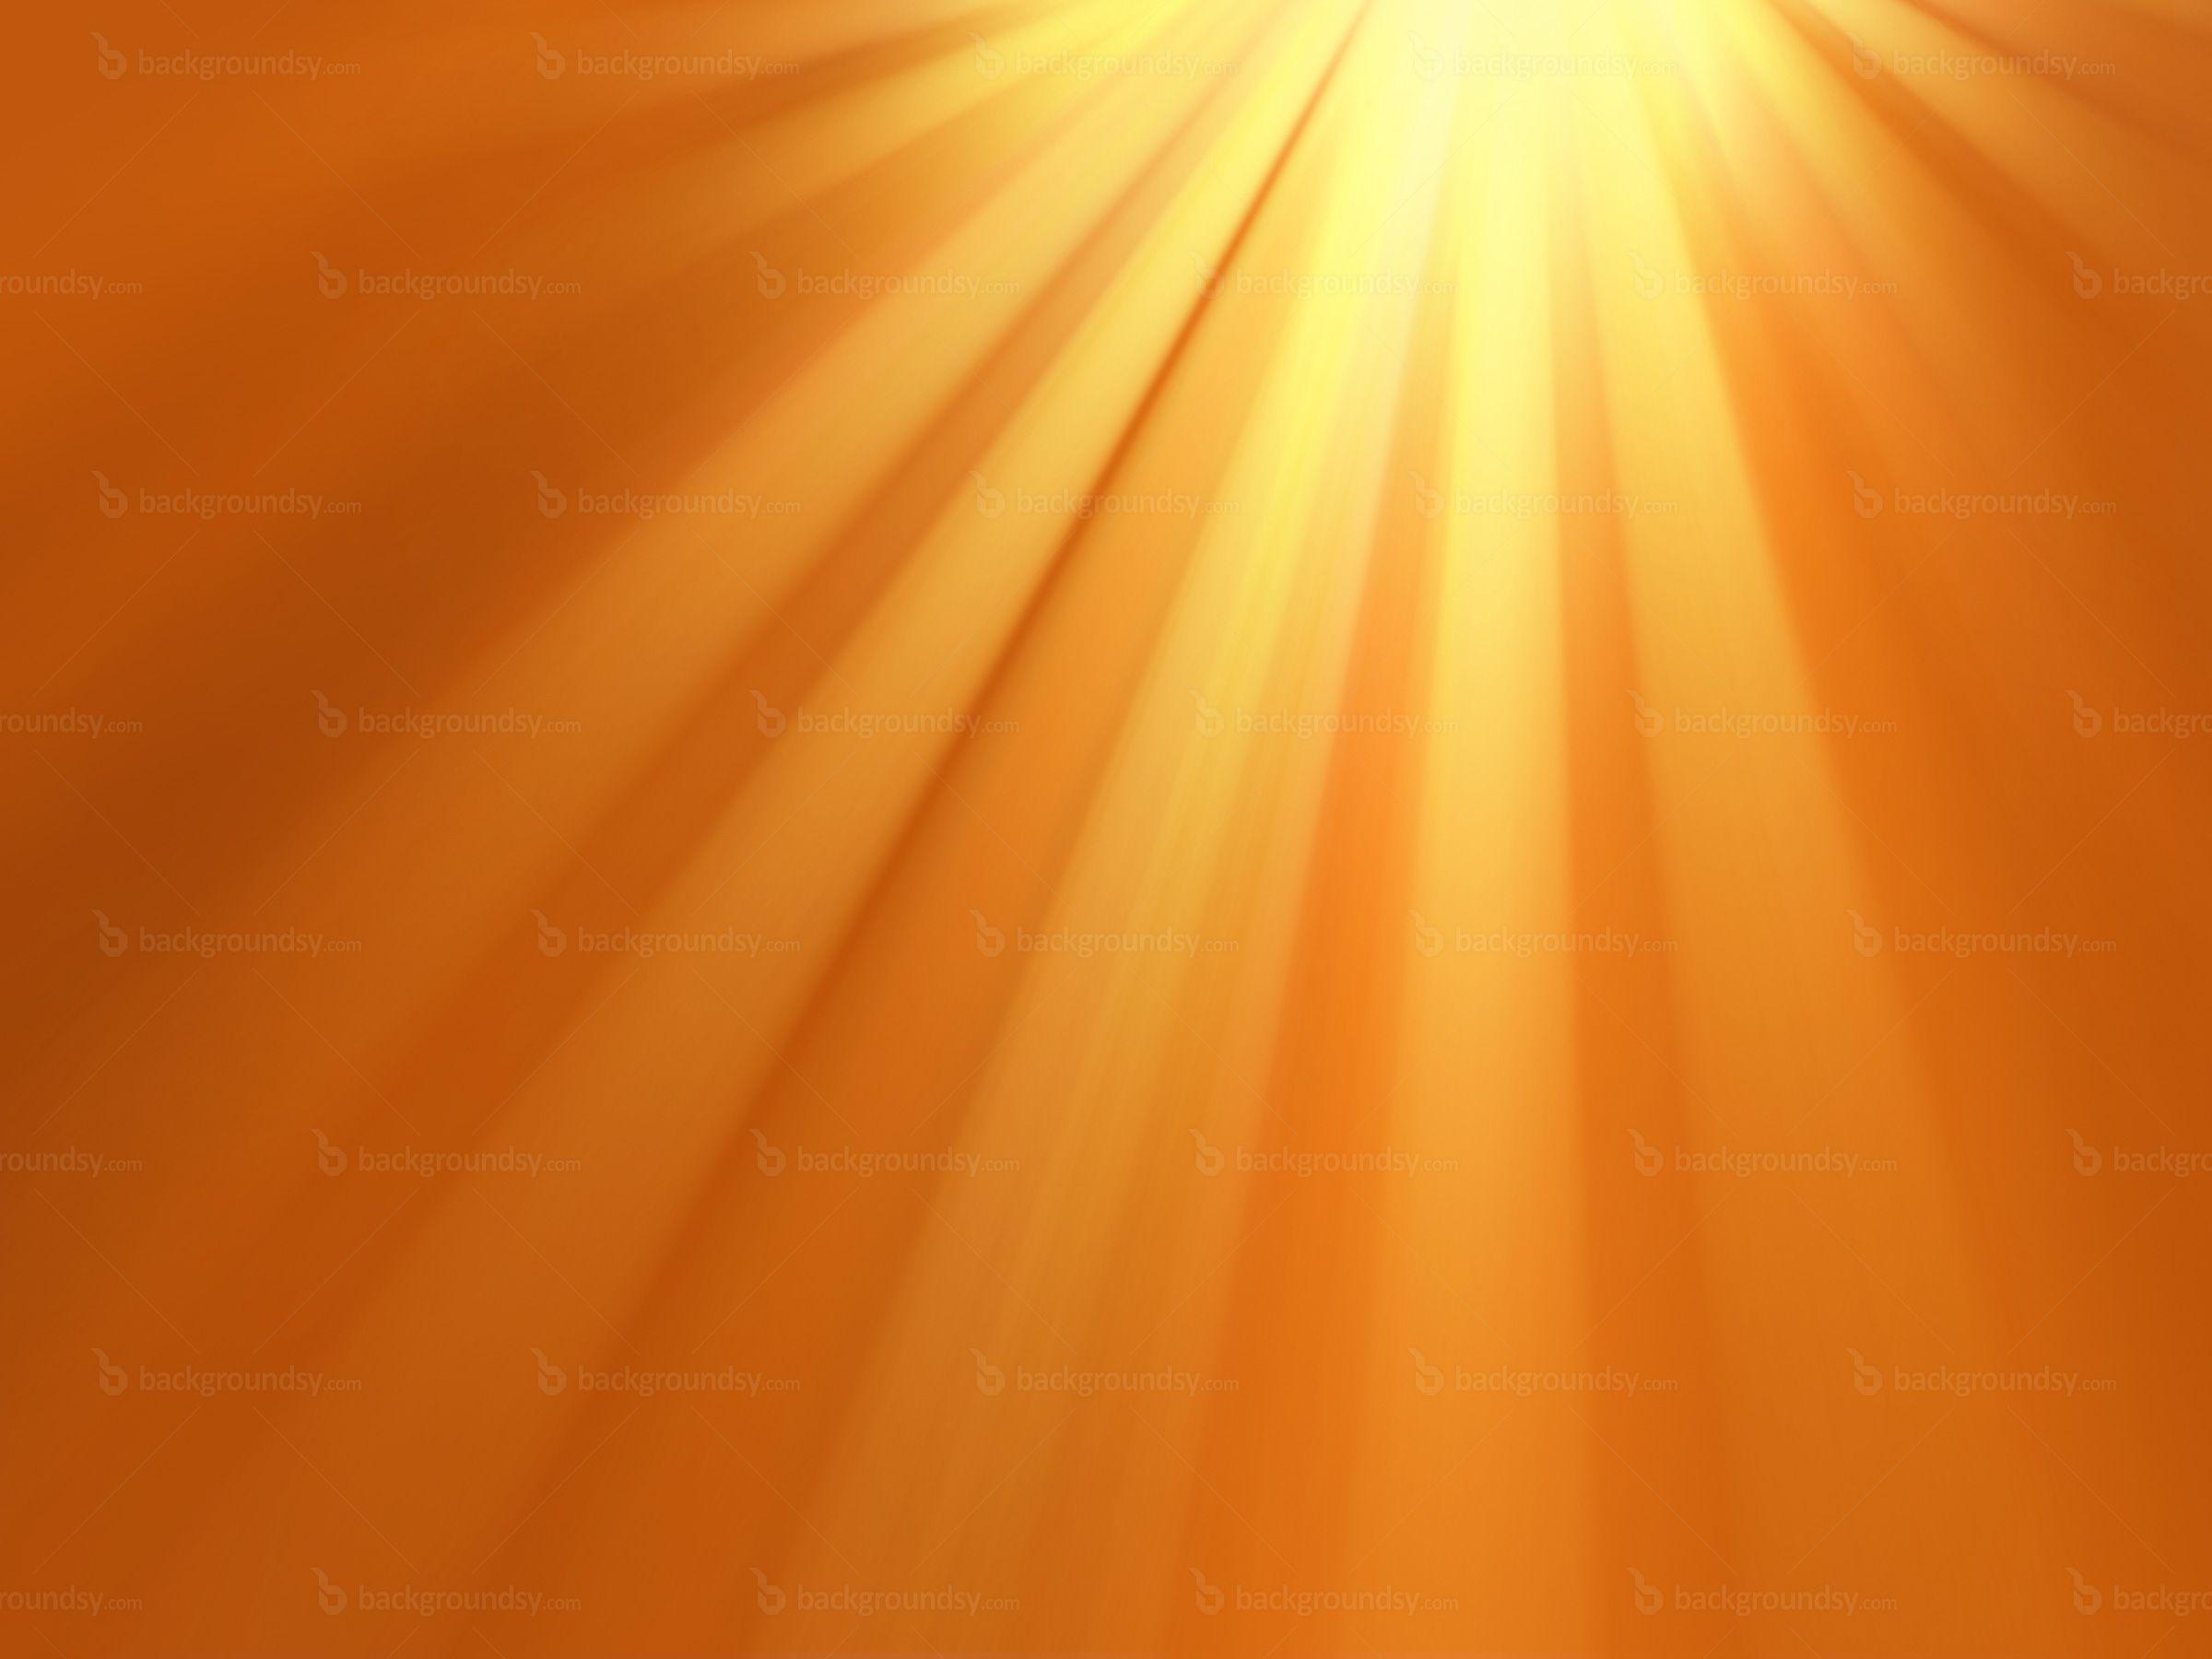 orange background images 010